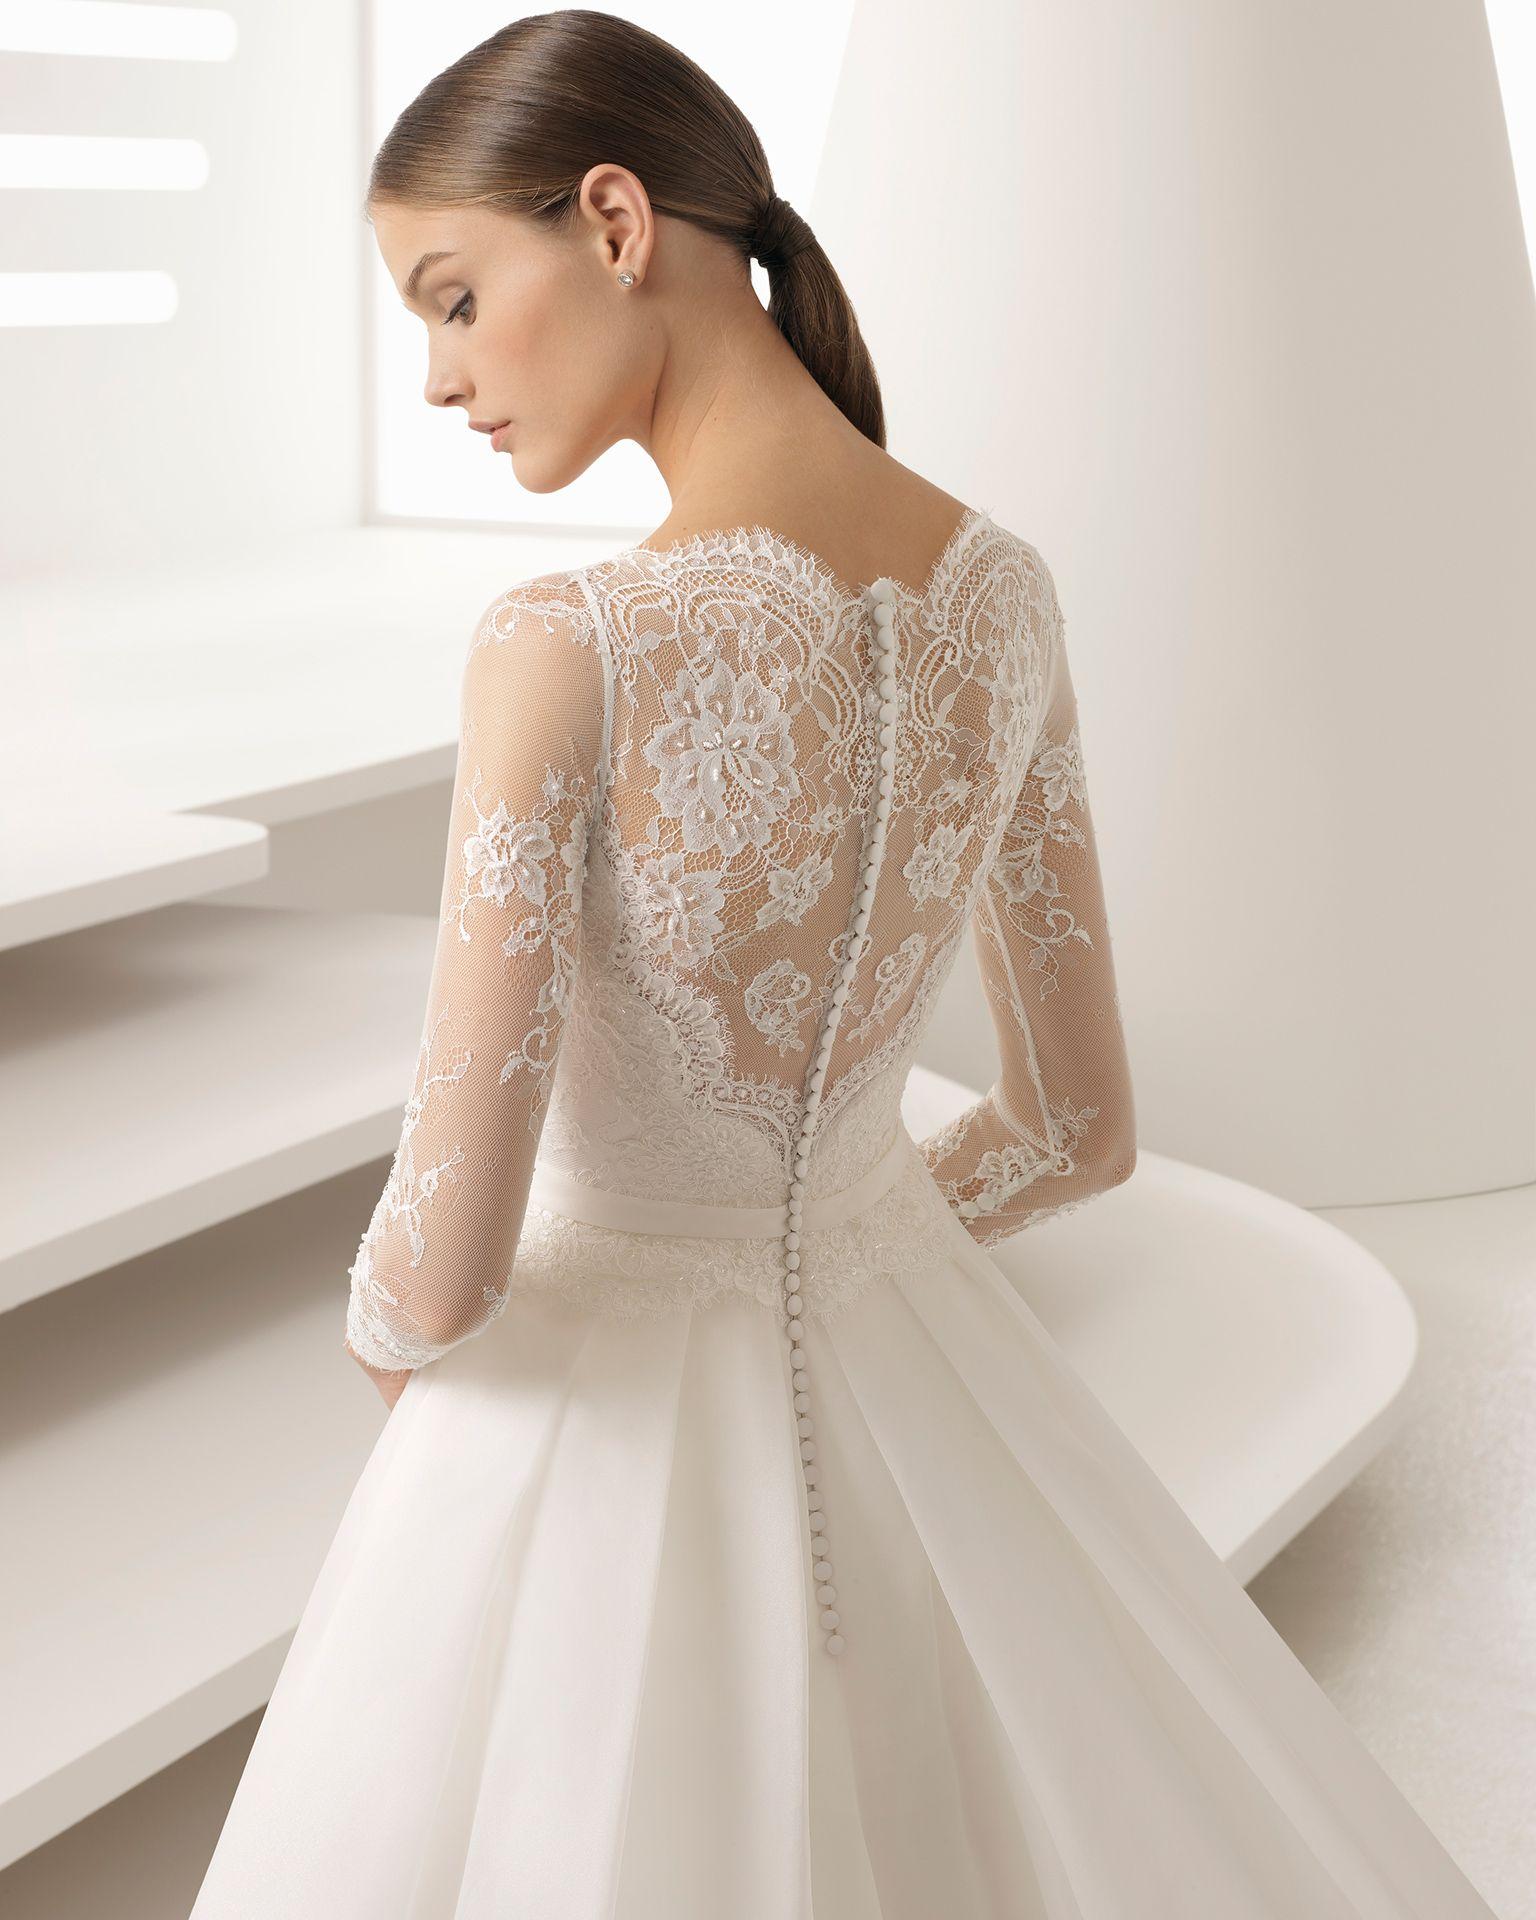 ANTIFAZ - Novia 2018. Colección Rosa Clará | Wedding dress, Wedding ...